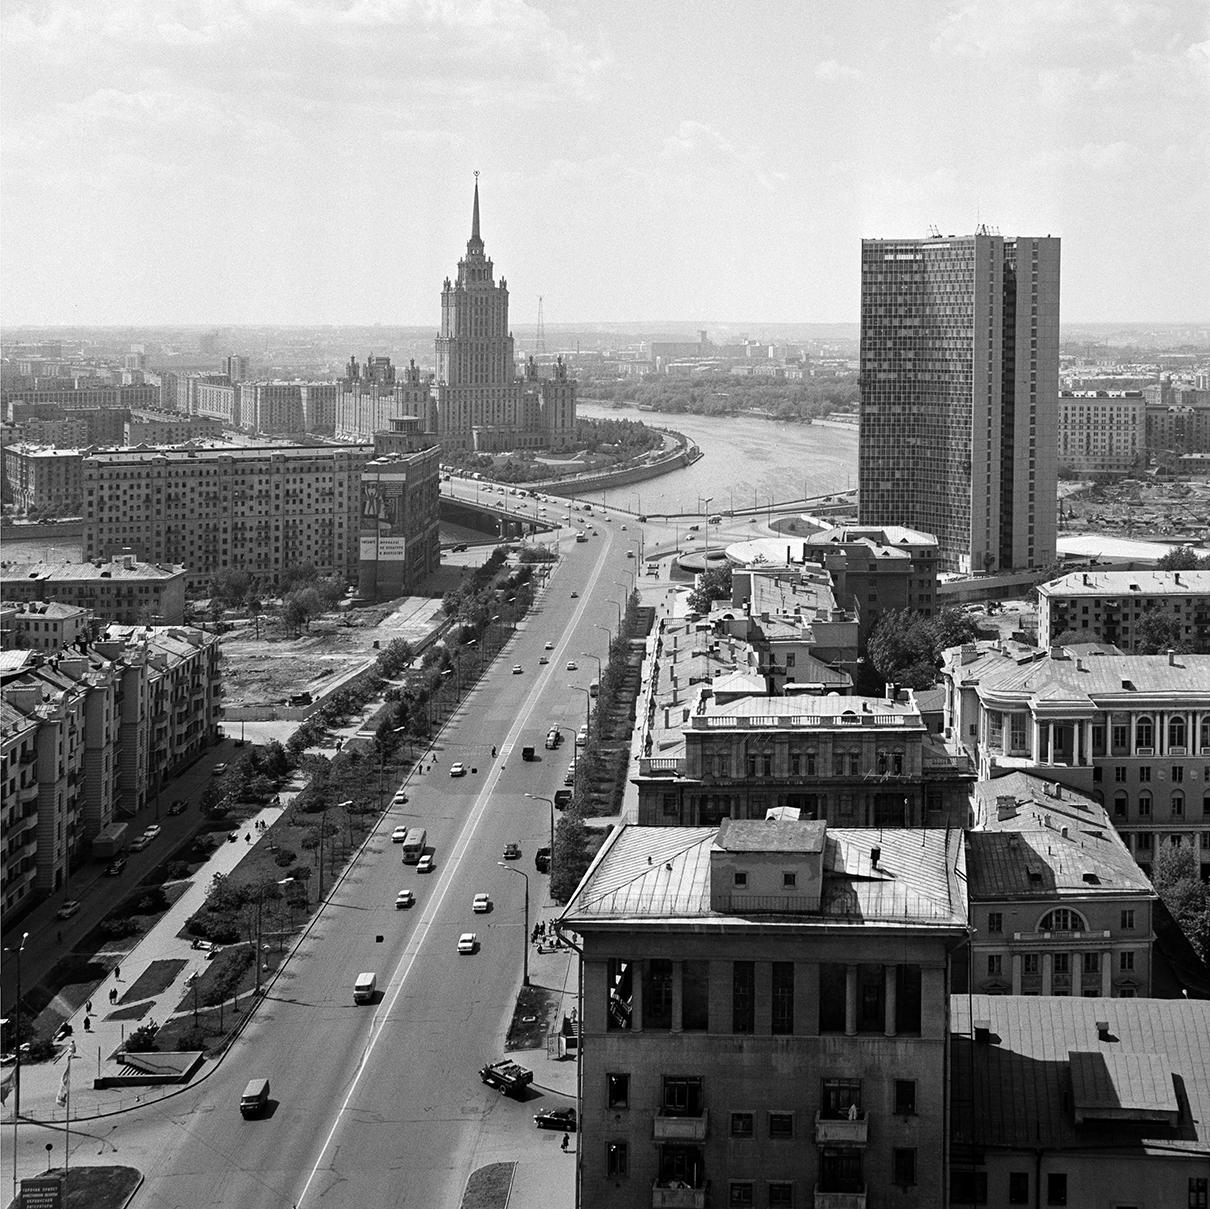 Вид на Калининский проспект в 1969 году. Справа виден пустырь, на месте которого построят Дом Советов